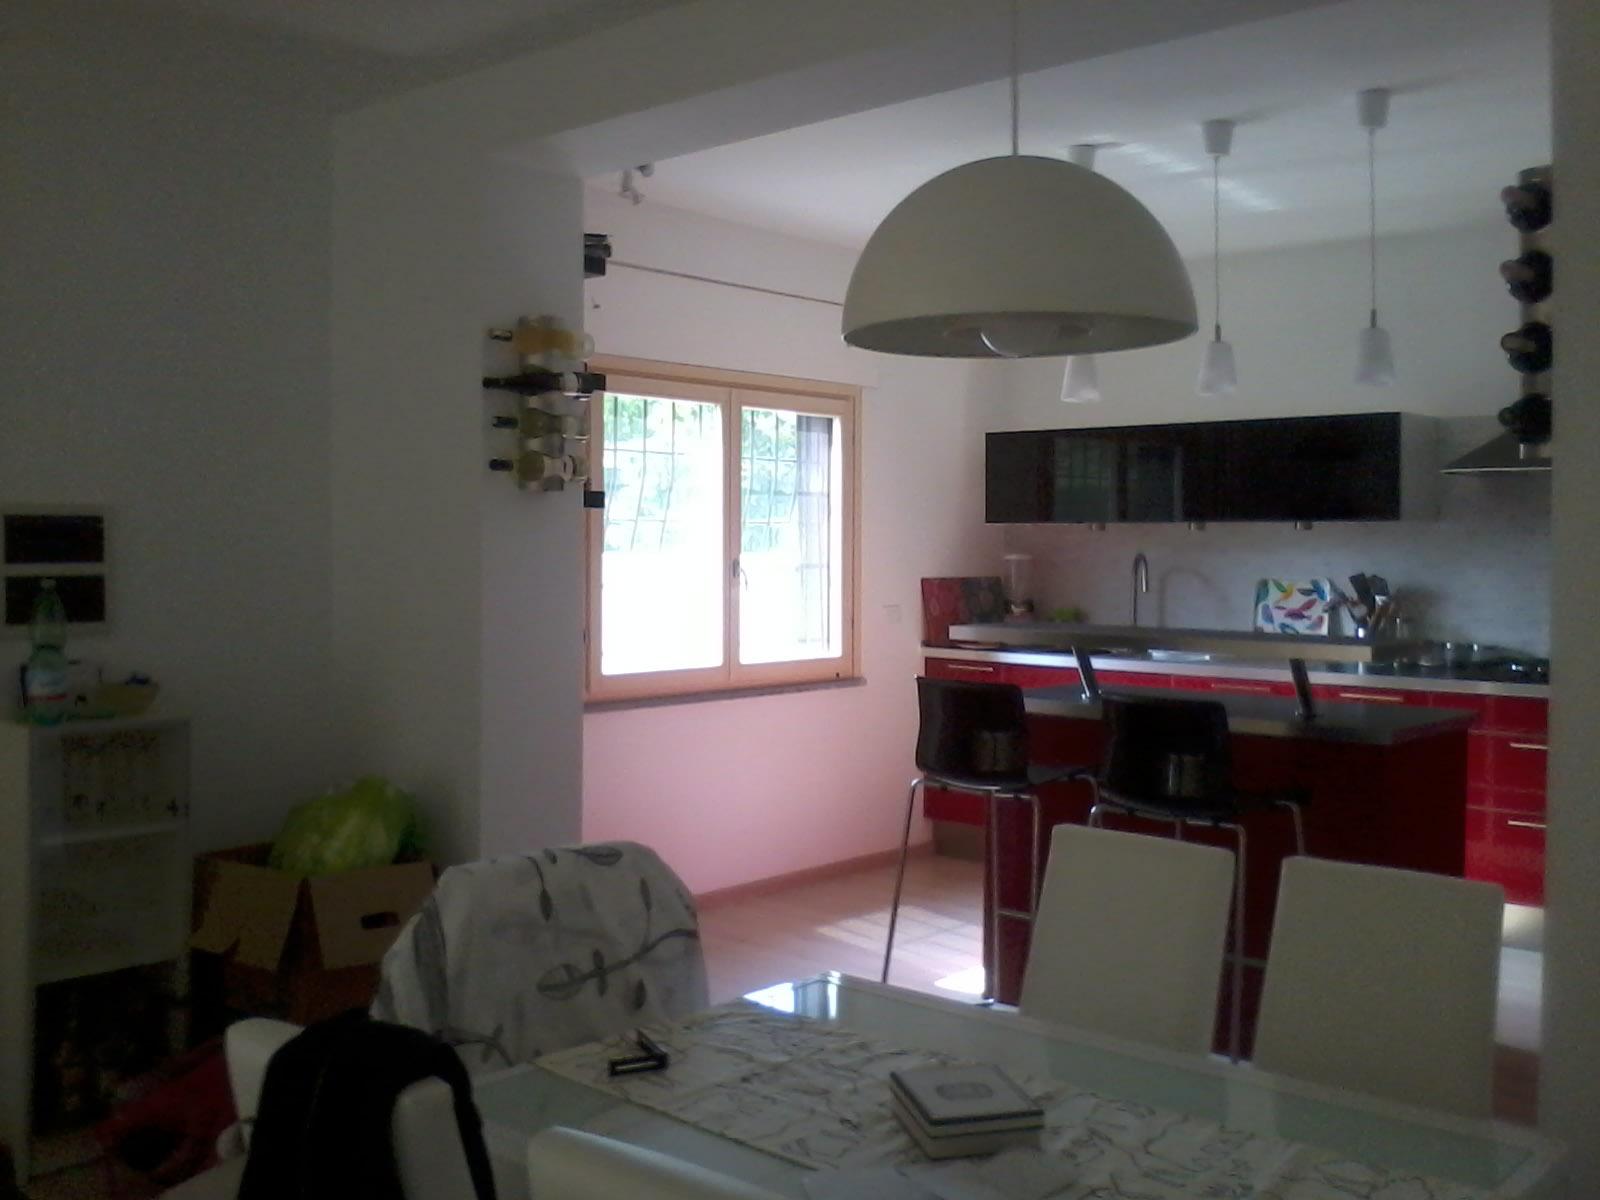 casa BV - vista dal soggiorno verso l'angolo cottura - architetturaincasa